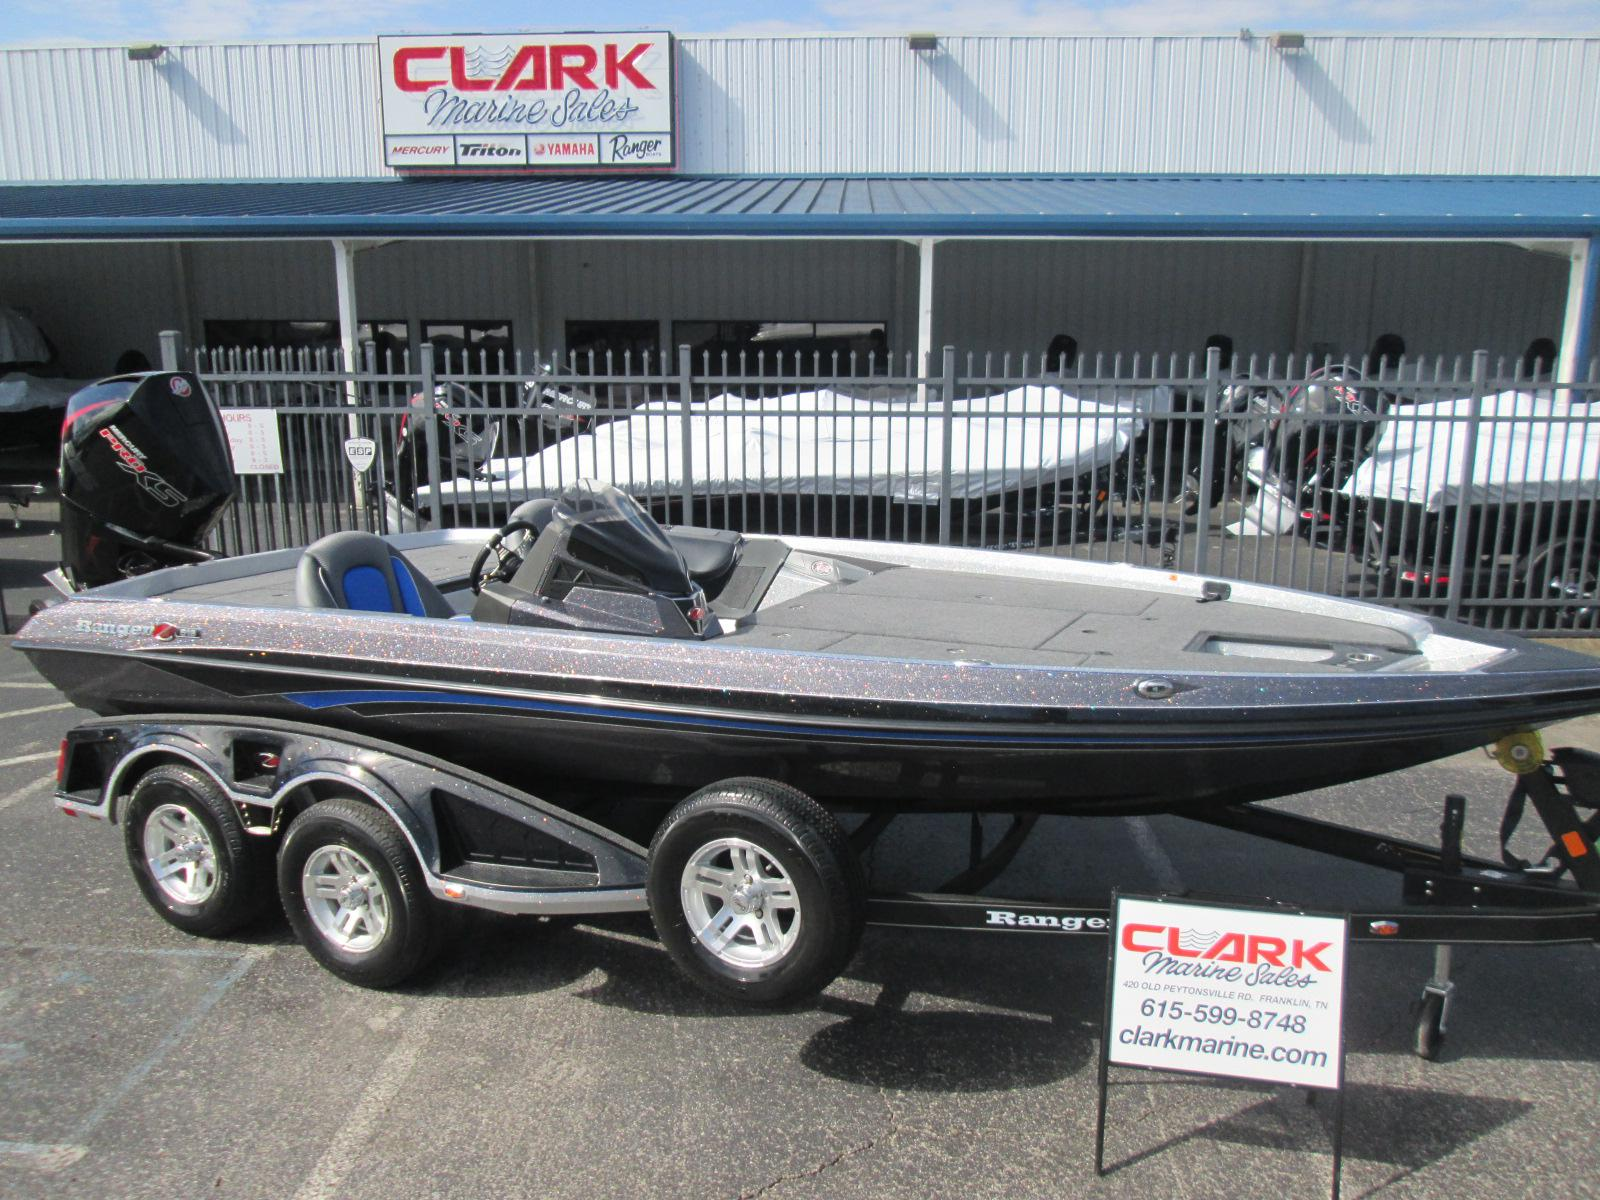 2019 Ranger Z 519 for sale in Franklin, TN  Clark Marine